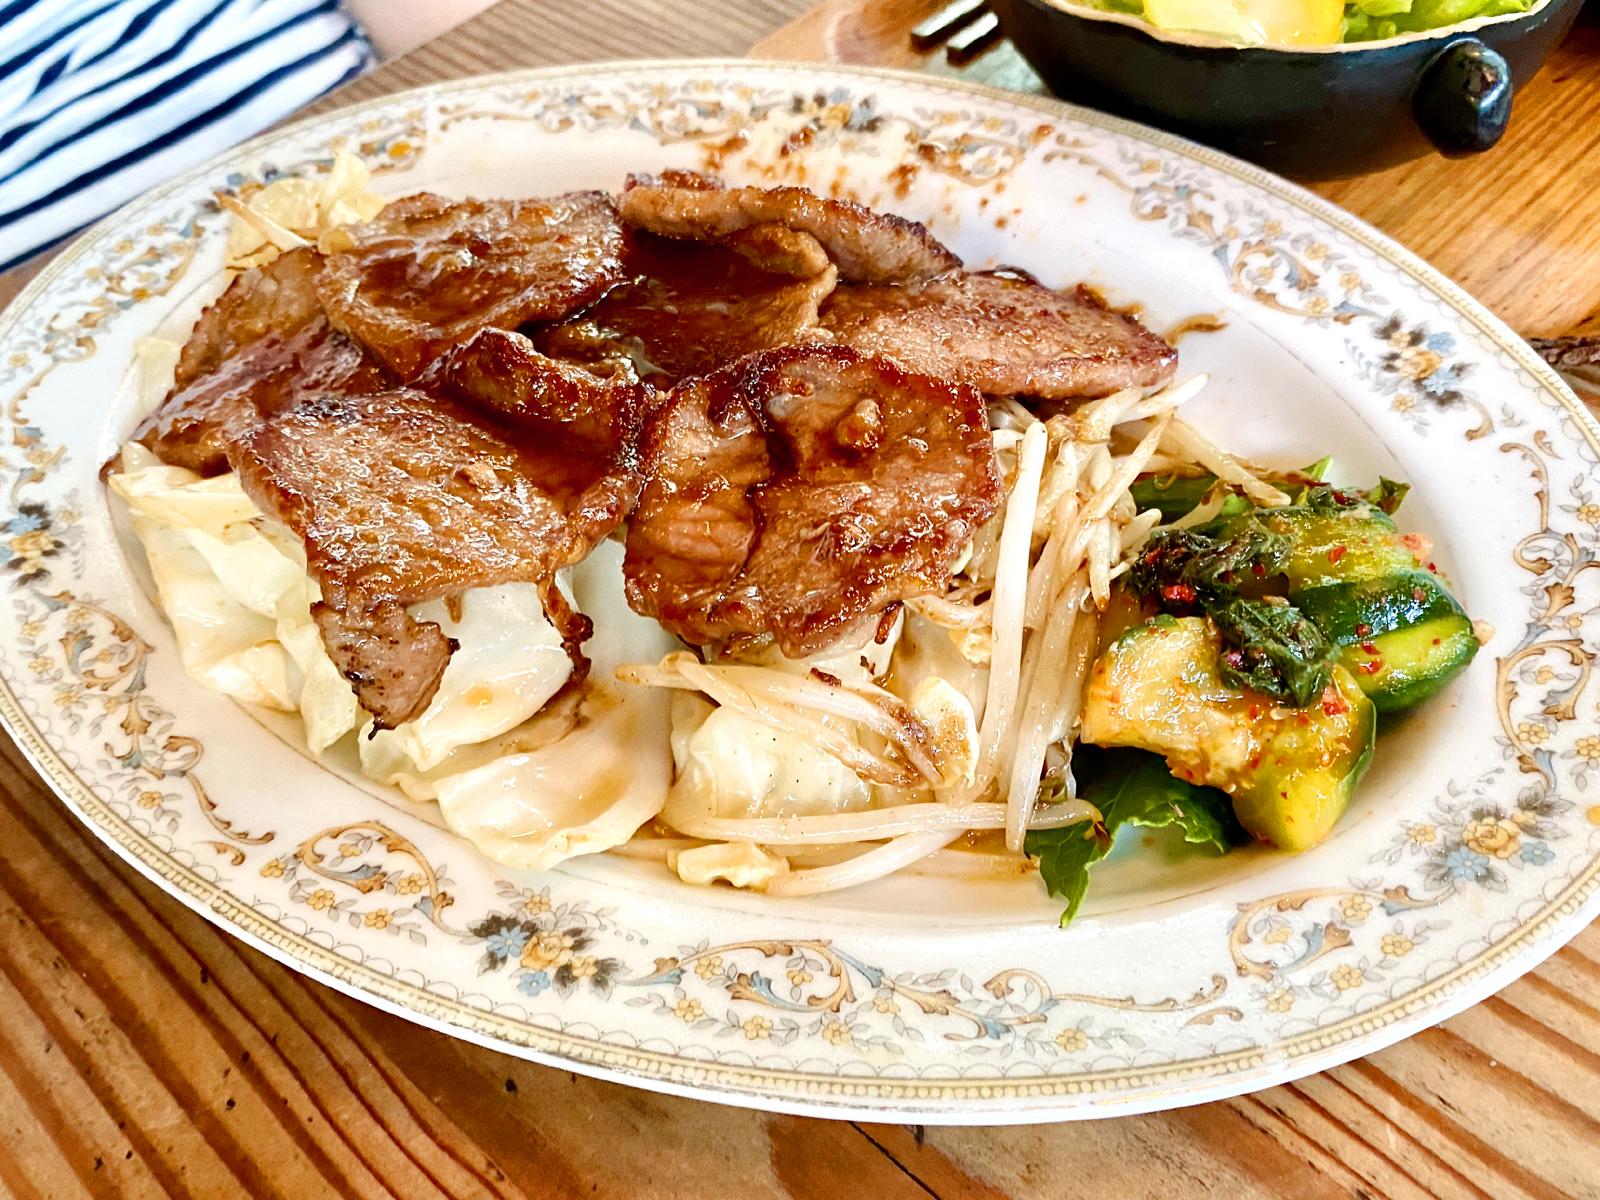 豚肉と野菜のスタミナ焼き定食 990円(メイン)